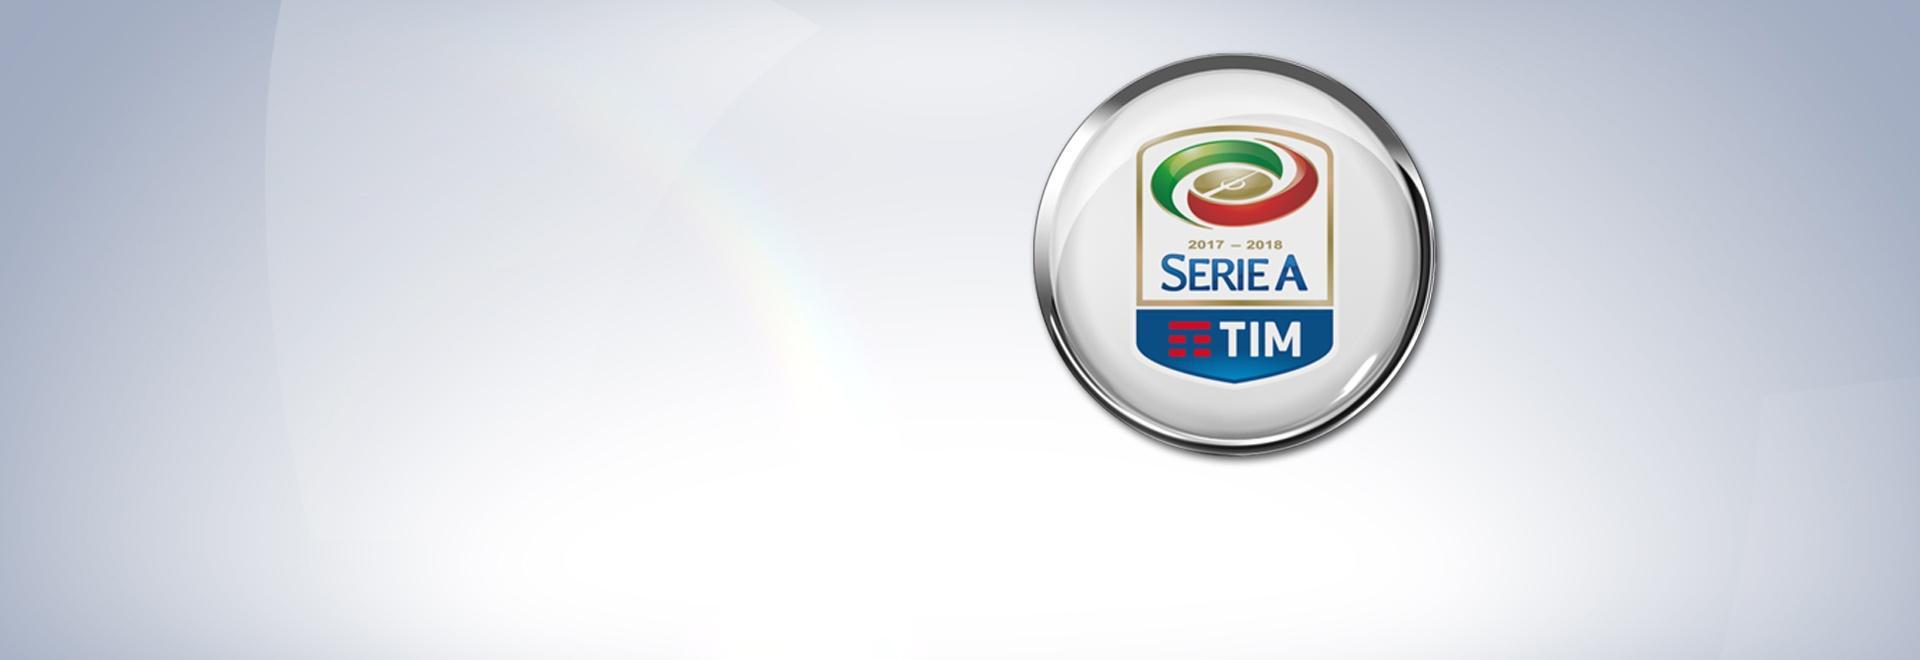 Serie A 2017/2018